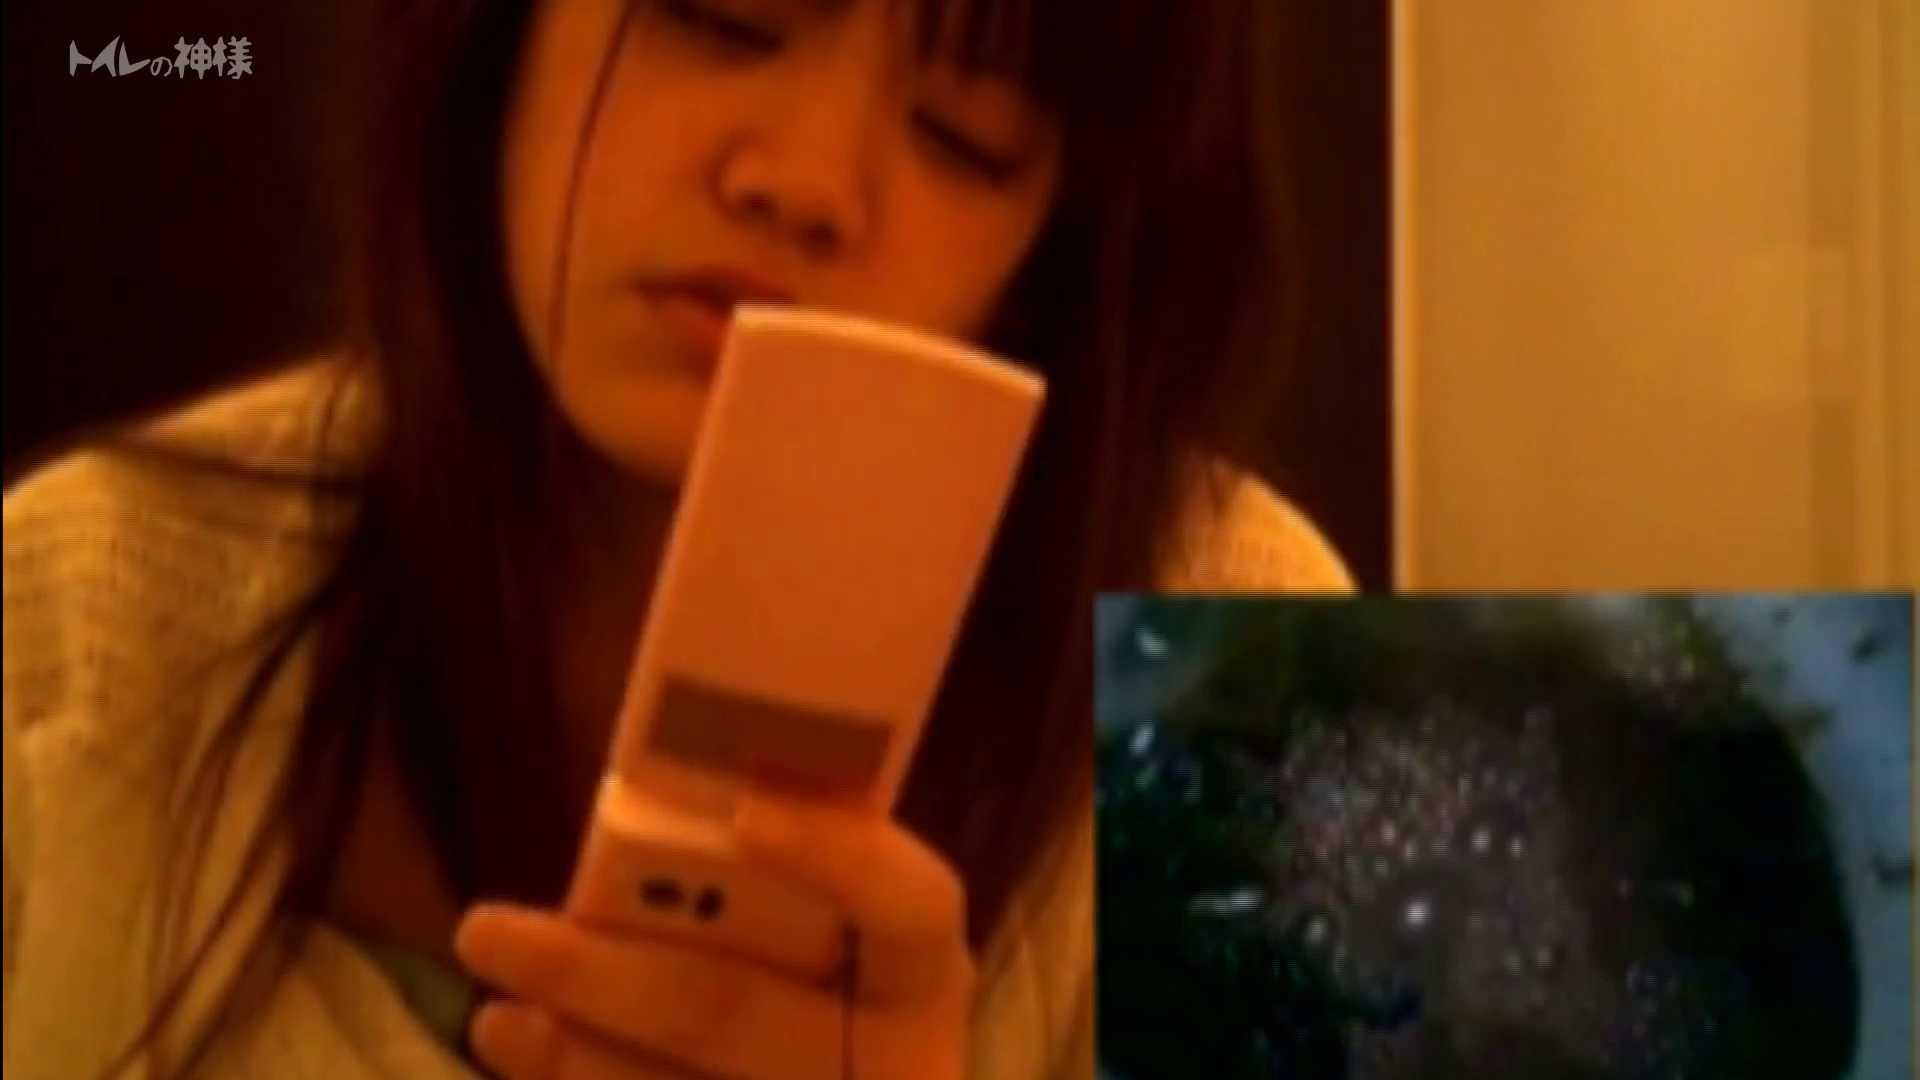 トイレの神様 Vol.03 彼女のうんち隠し撮り 盛合せ アダルト動画キャプチャ 111枚 53